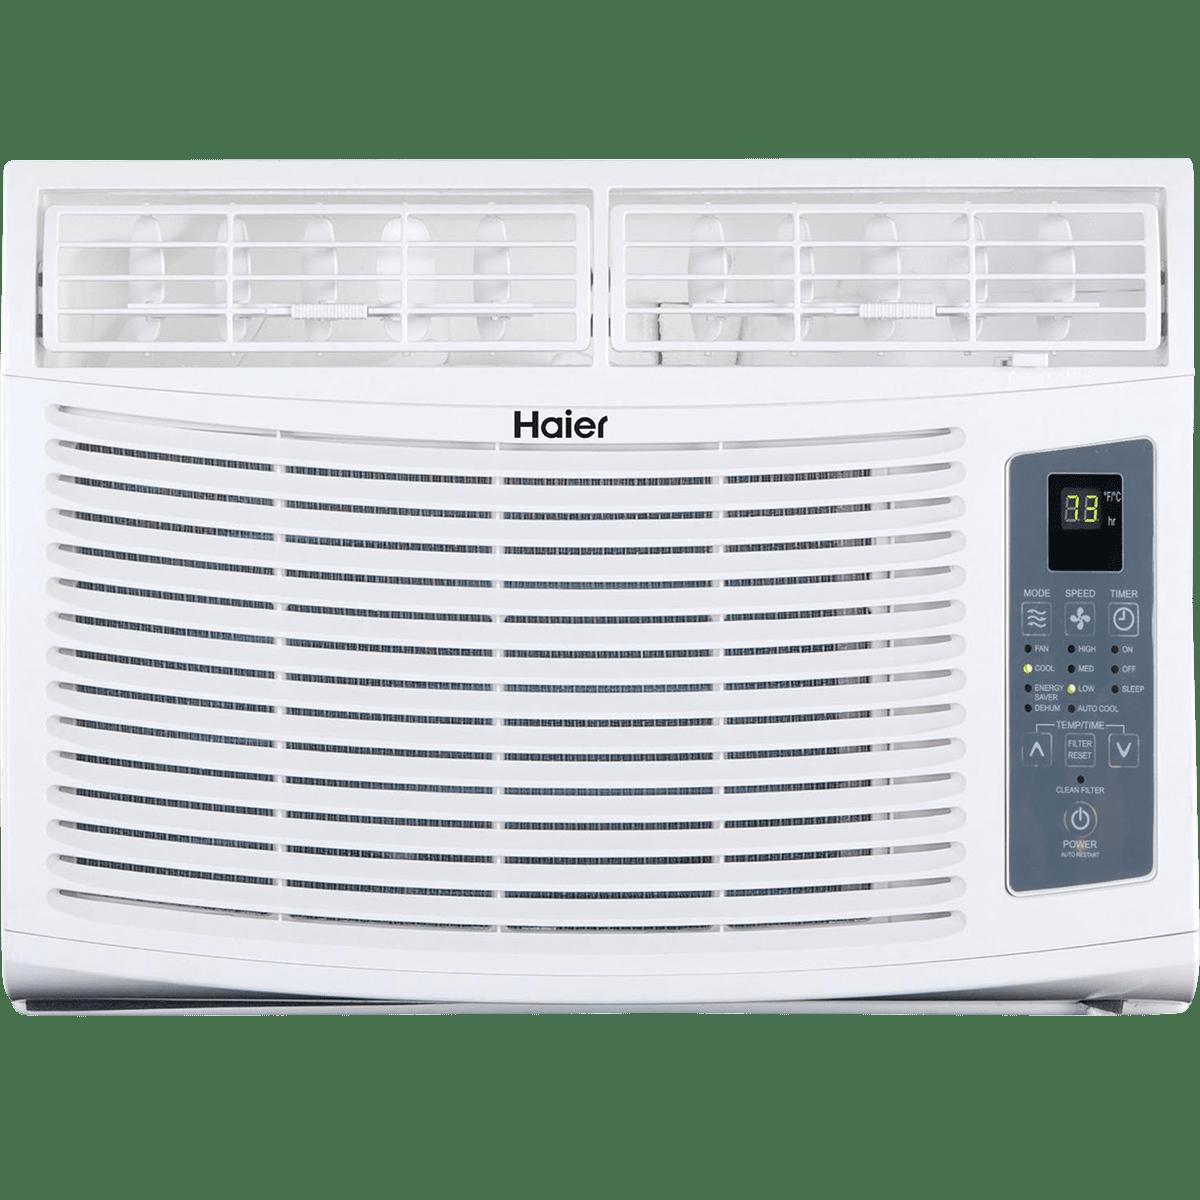 Haier HWE12XCR 12,000 BTU Window Air Conditioner ha5708